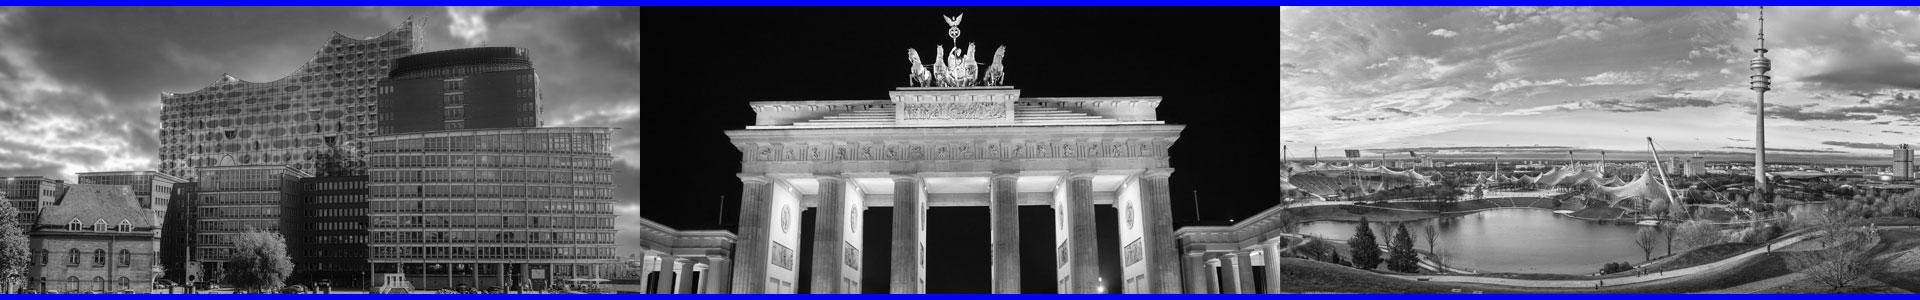 Deutsches Immobiliennetzwerk